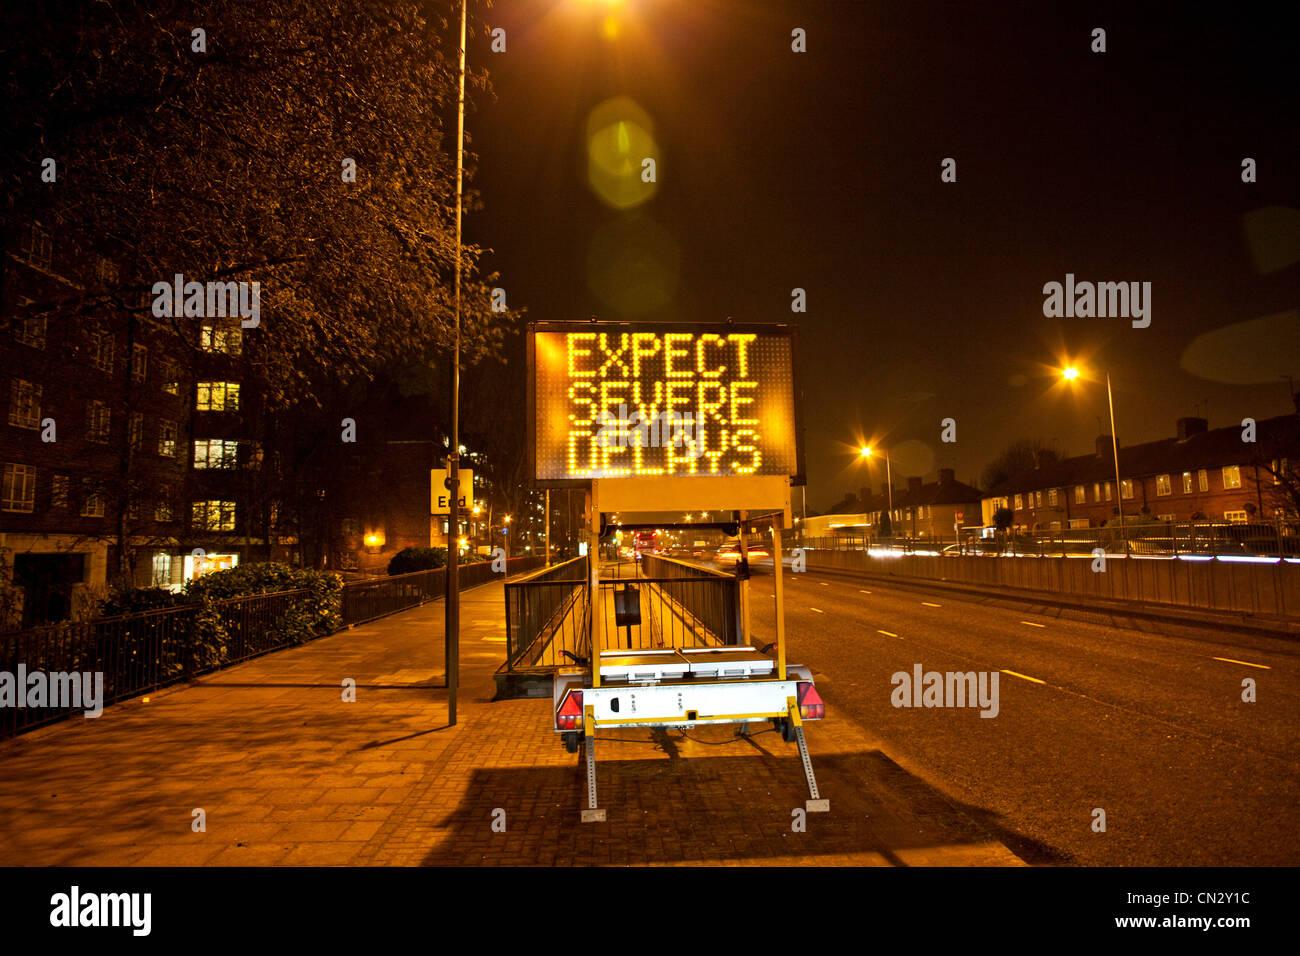 Señal de carretera en escena urbana por la noche, Londres, Inglaterra Imagen De Stock